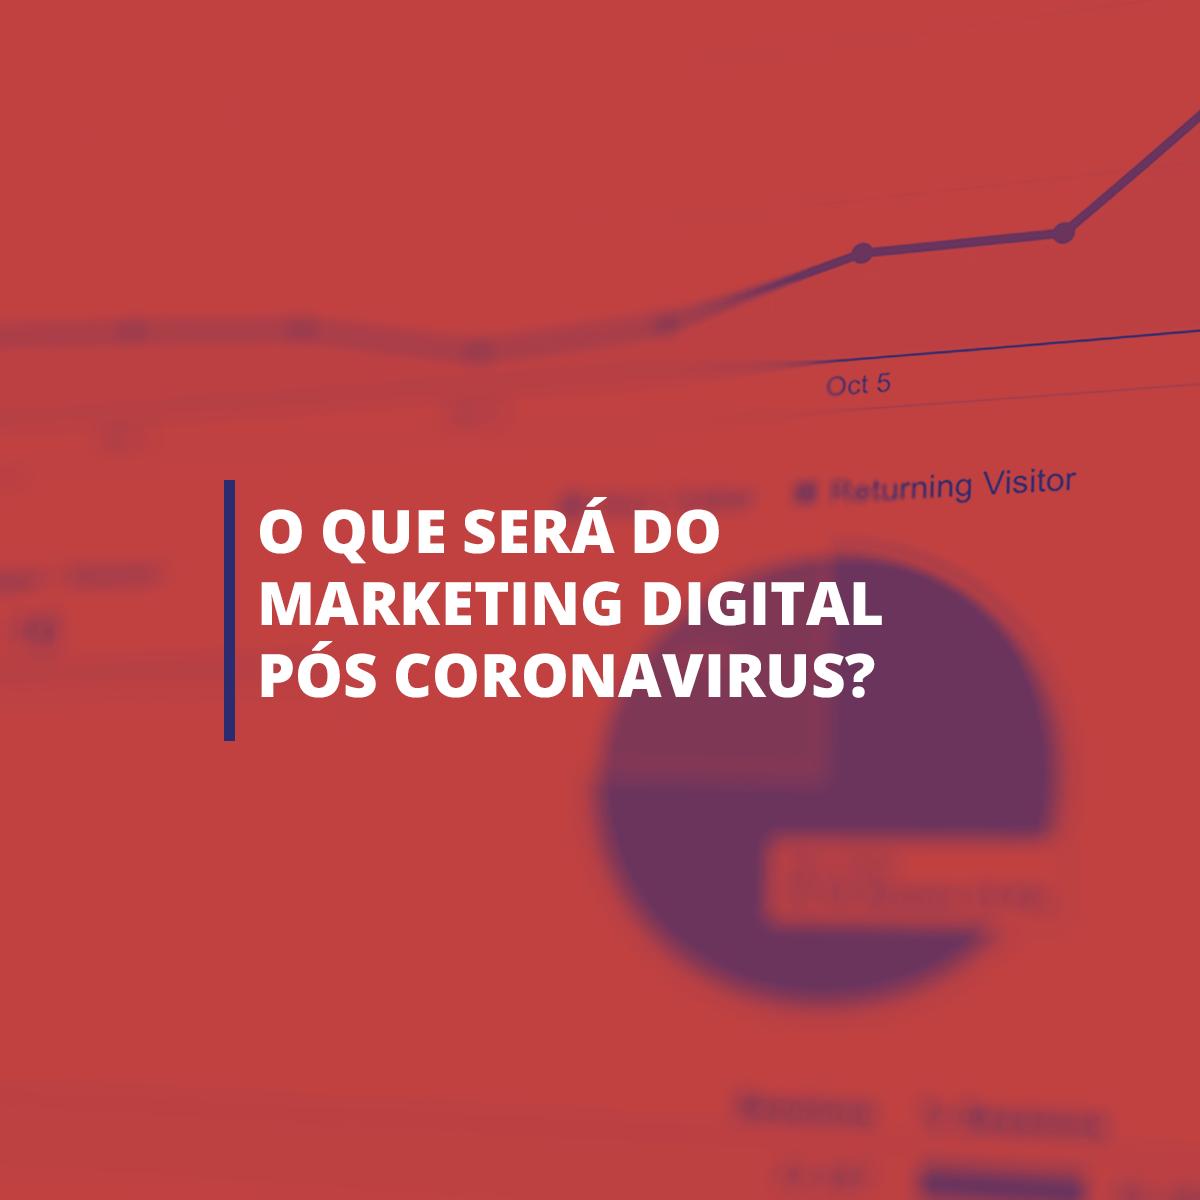 O que será do marketing digital pós Coronavírus?